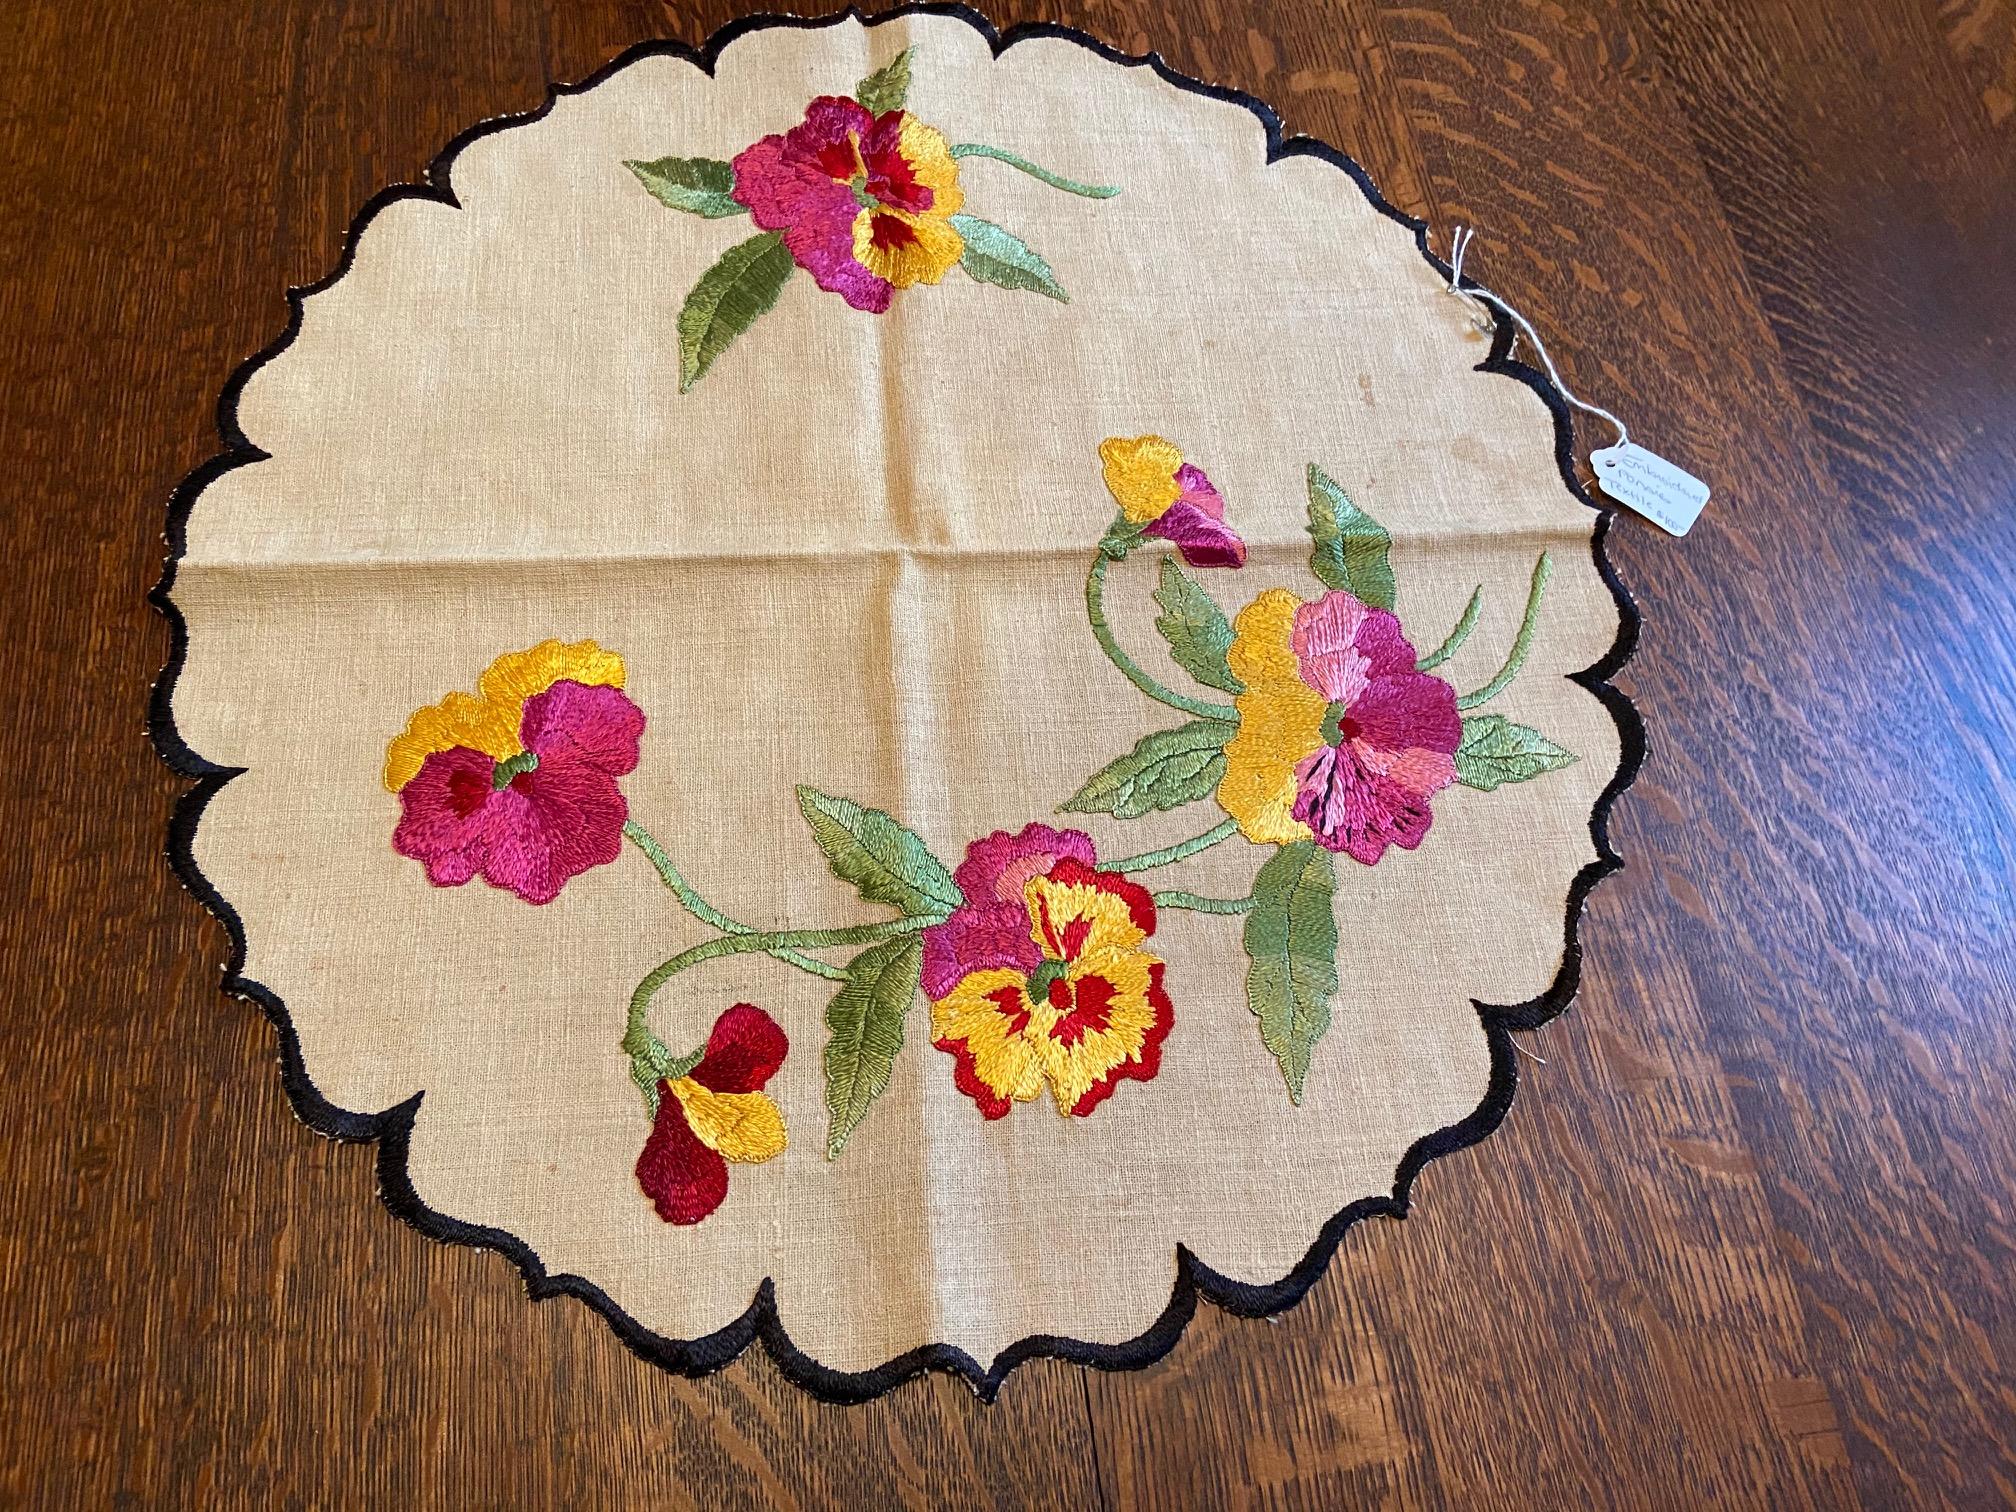 Round Pansies Textile